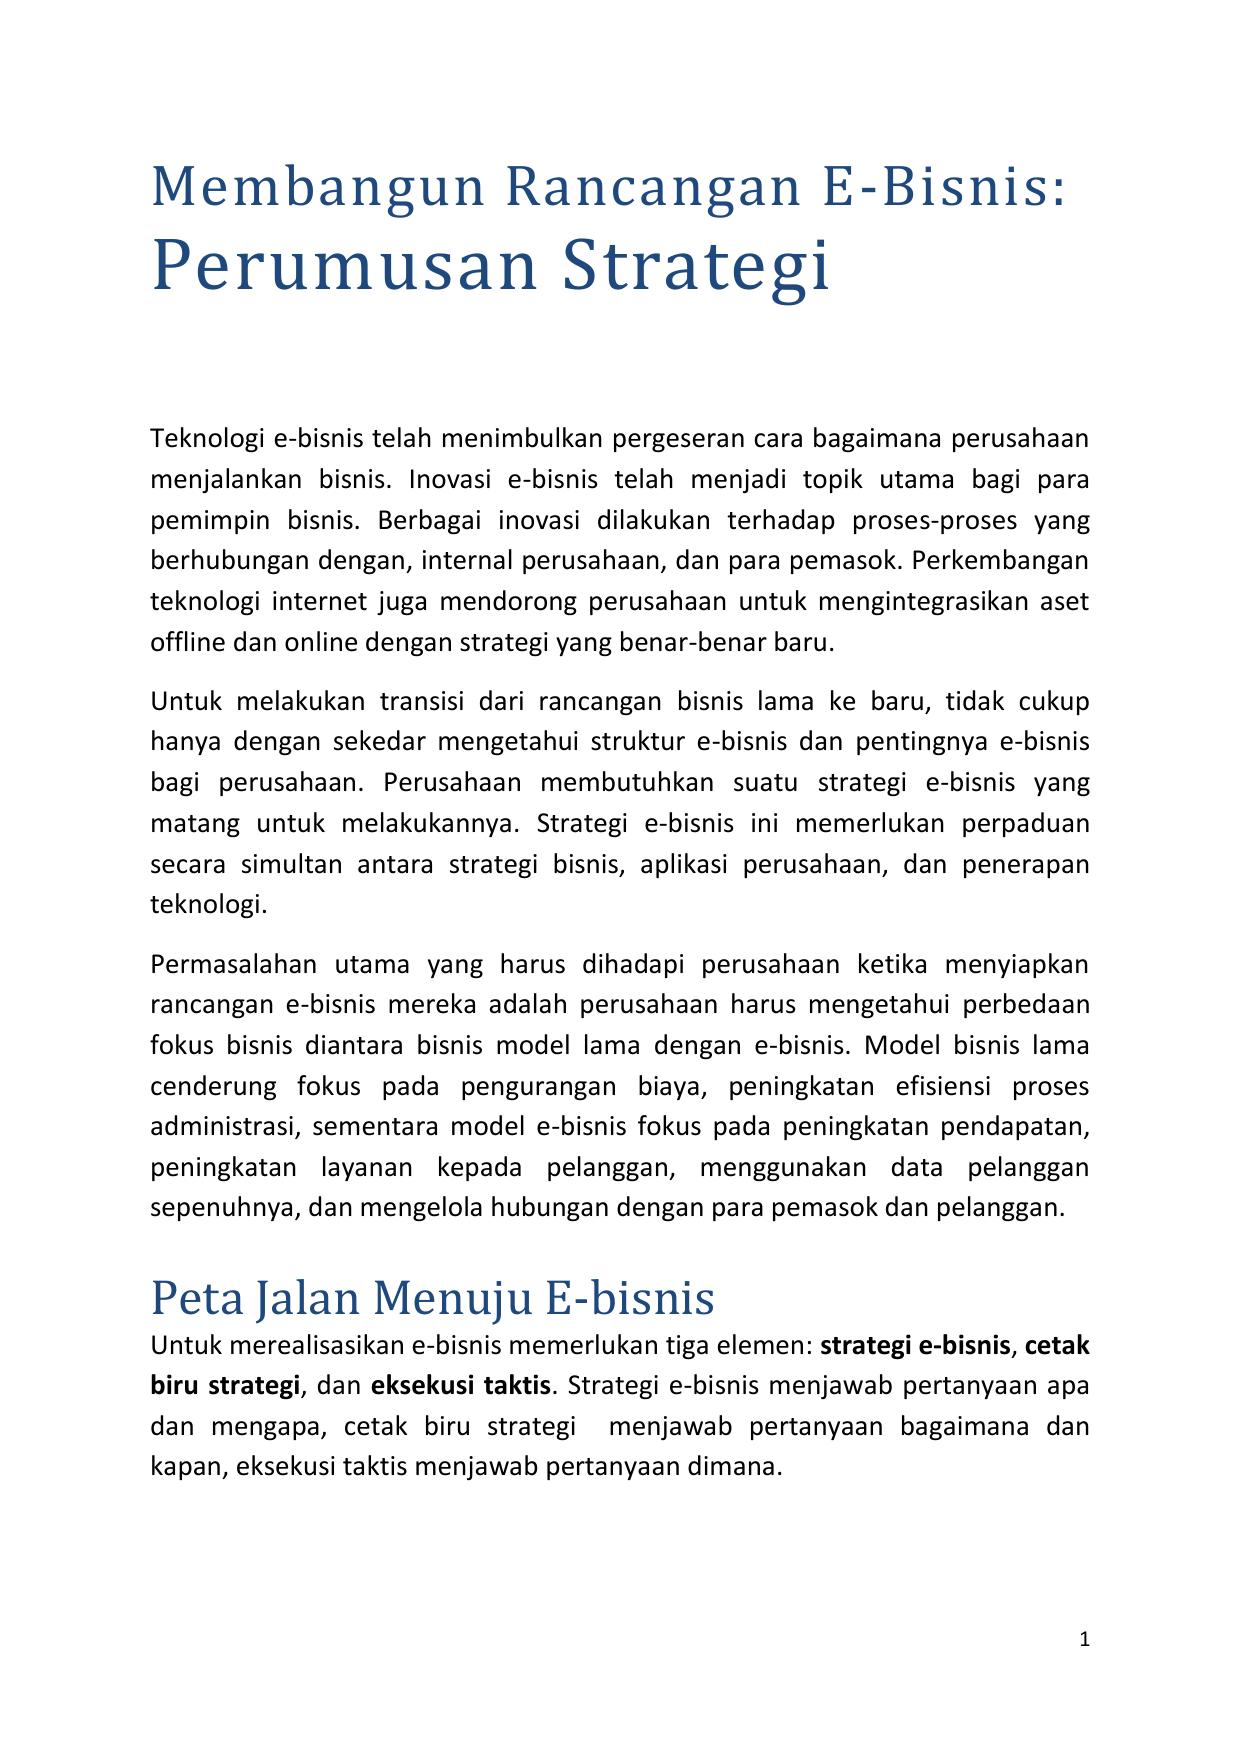 strategi perdagangan optimasi portofolio